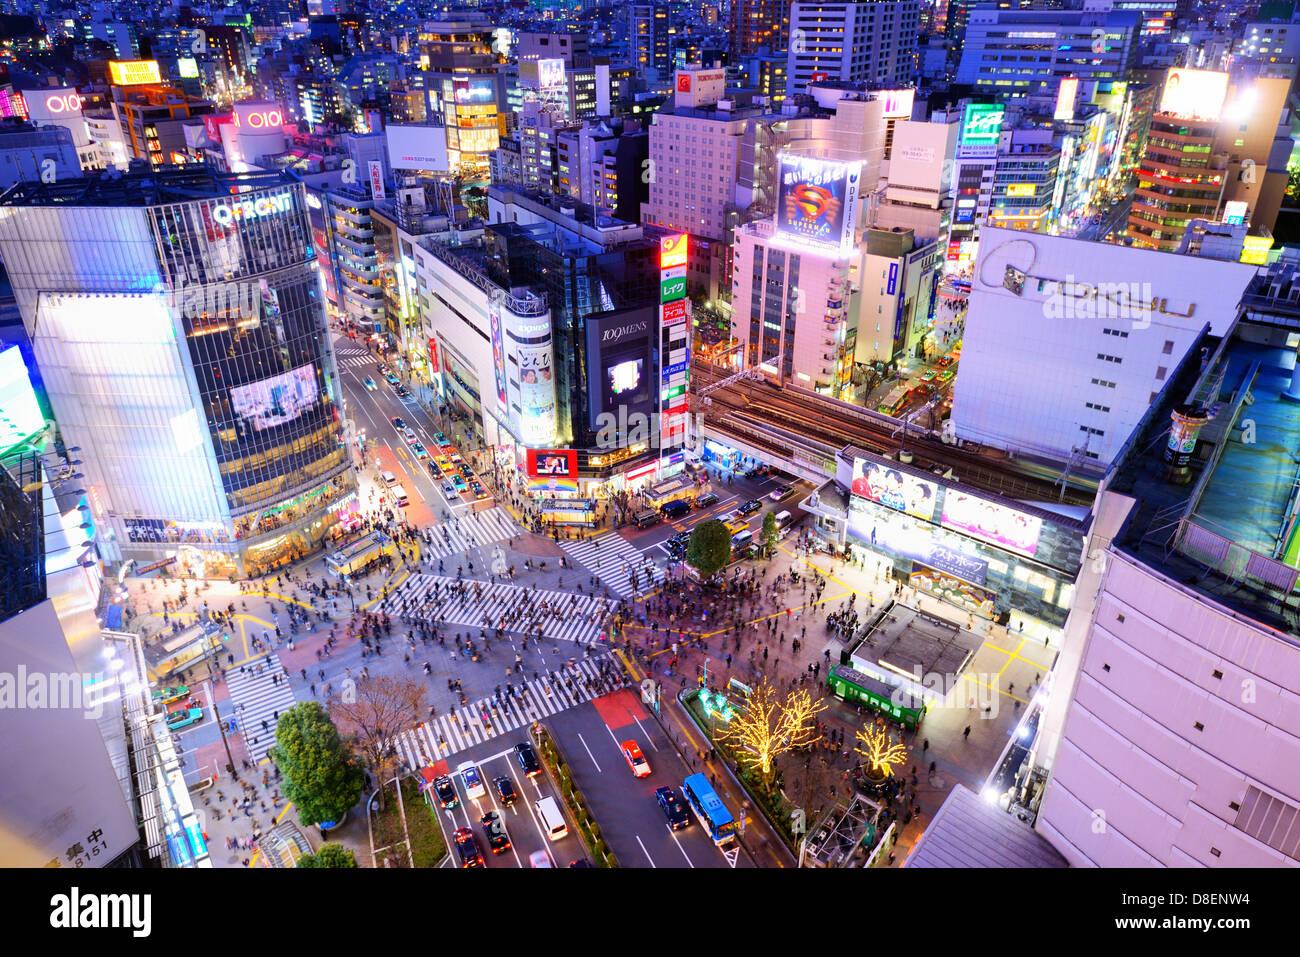 Ciudad de Shibuya, Tokio, Japón. Imagen De Stock